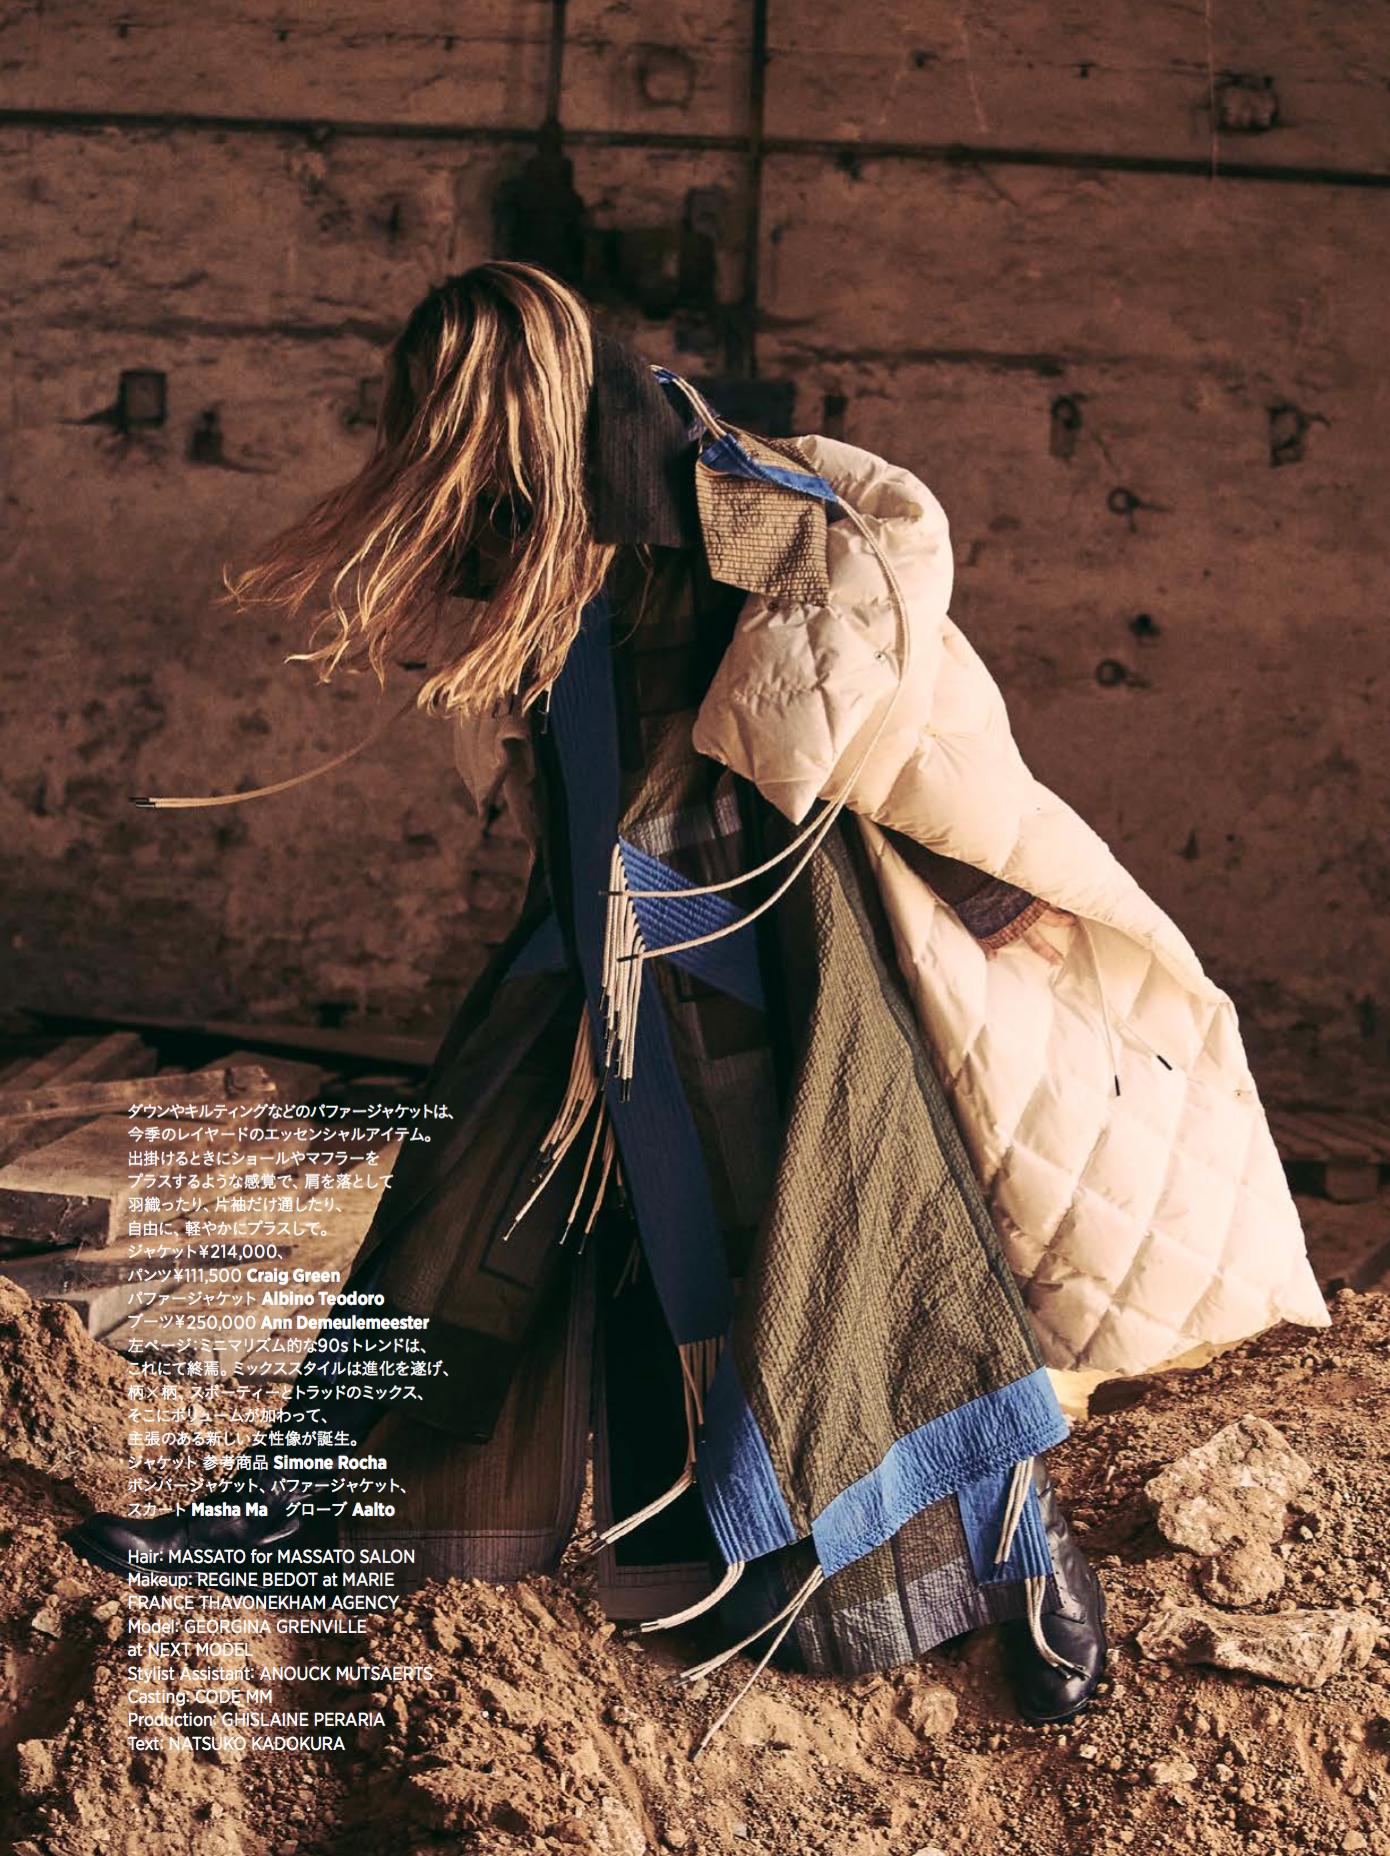 Harper's Bazaar Japan